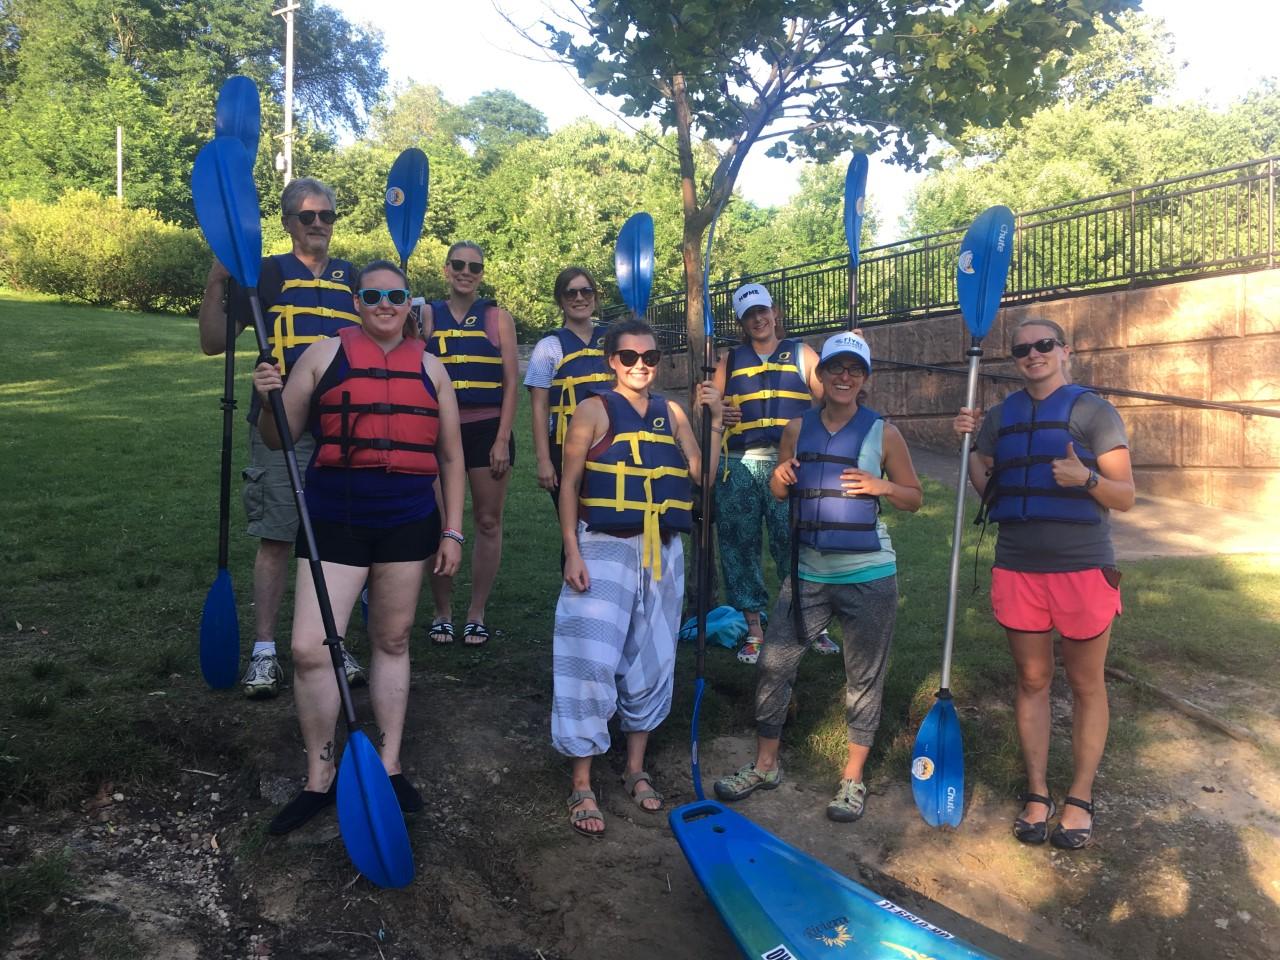 Kayaking yogis @ Cuyahoga River | July 2019